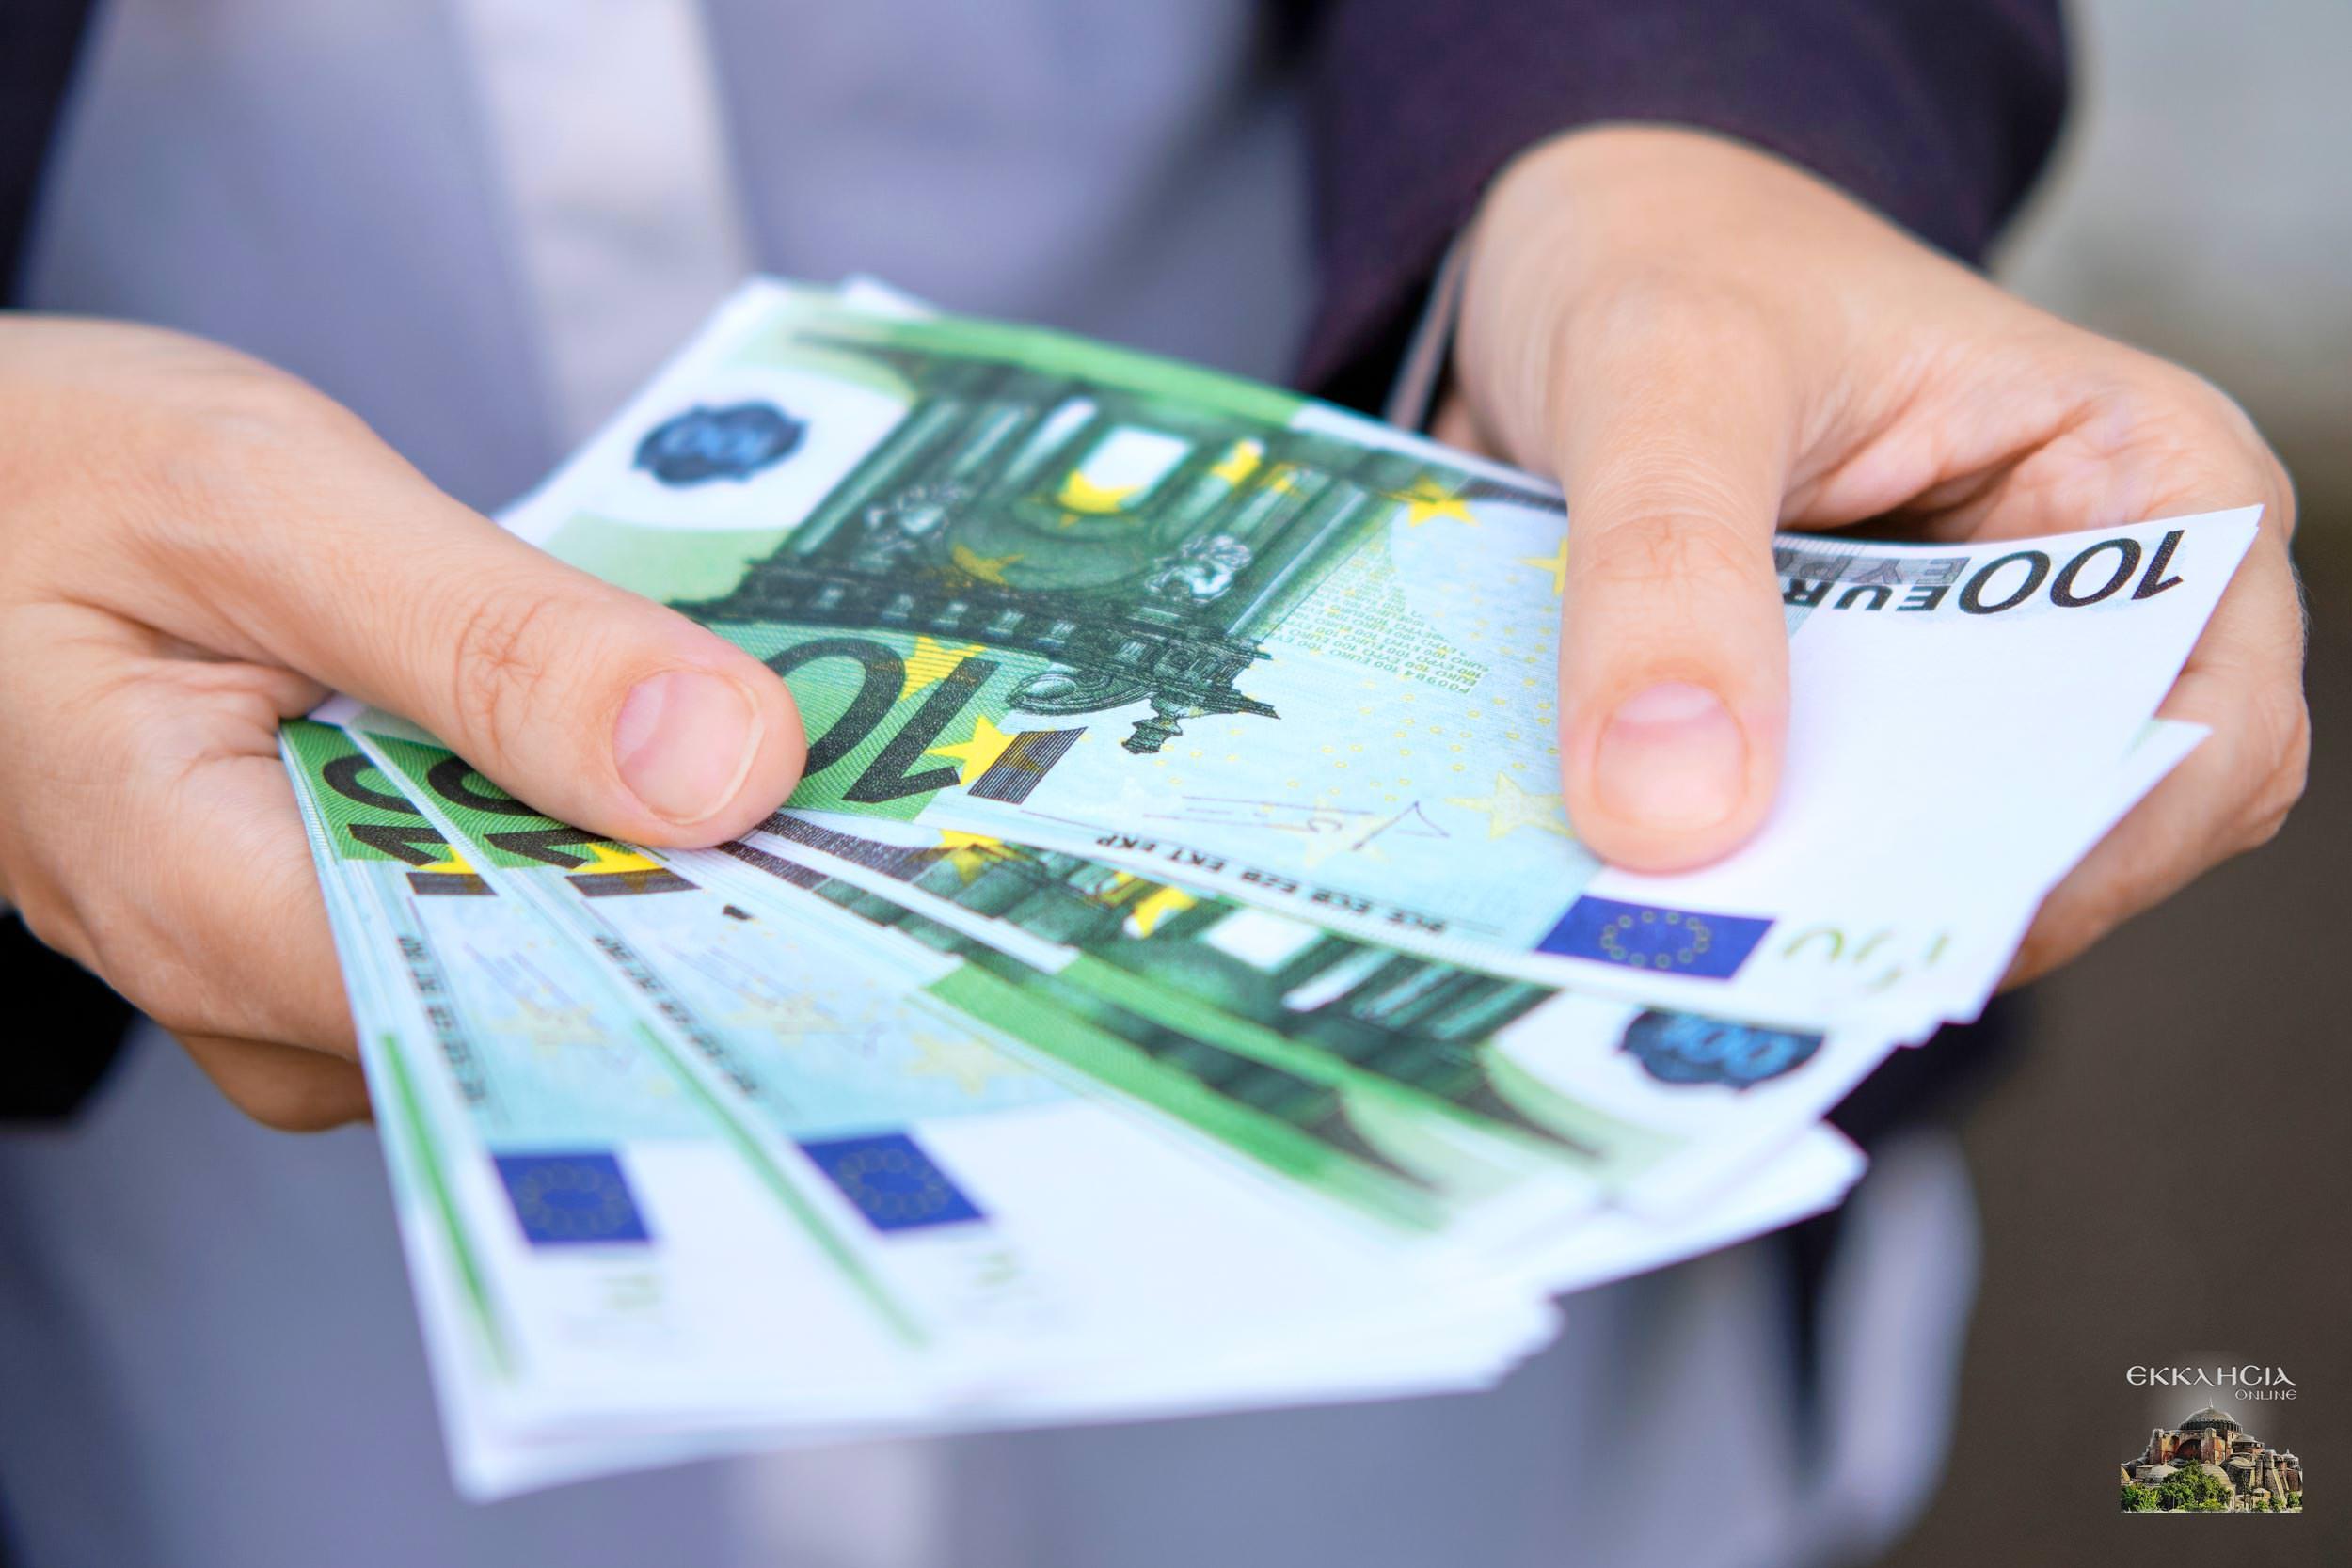 επίδομα πληρωμή ευρώ συντάξεις οαεδ